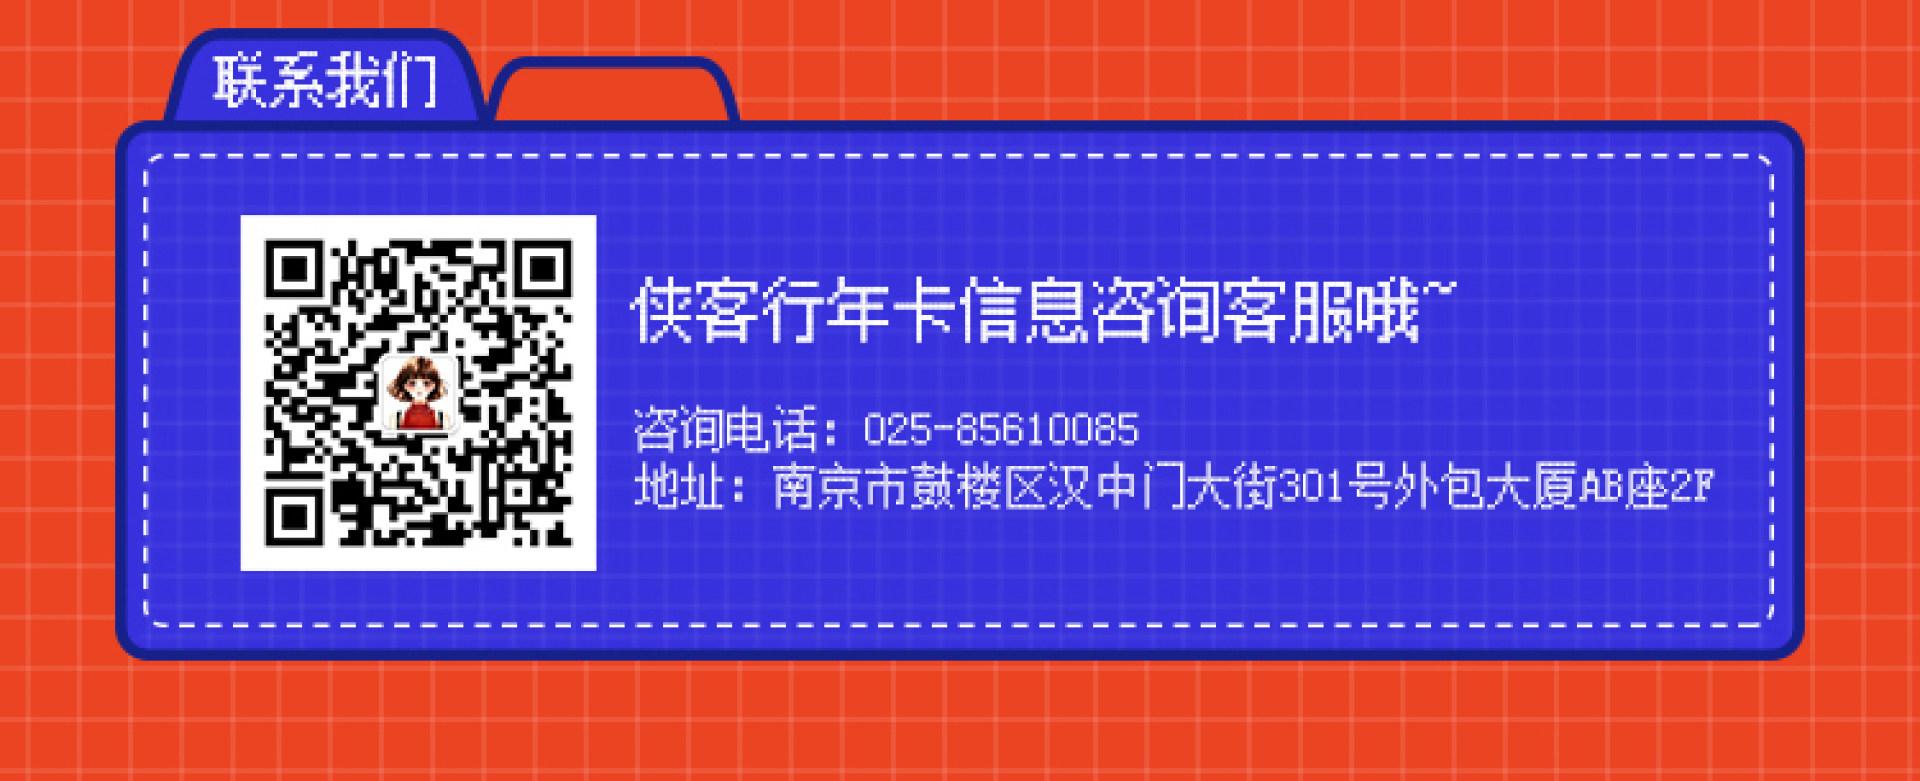 淘宝大学 南京培训 南京电商 速卖通大学 电商培训